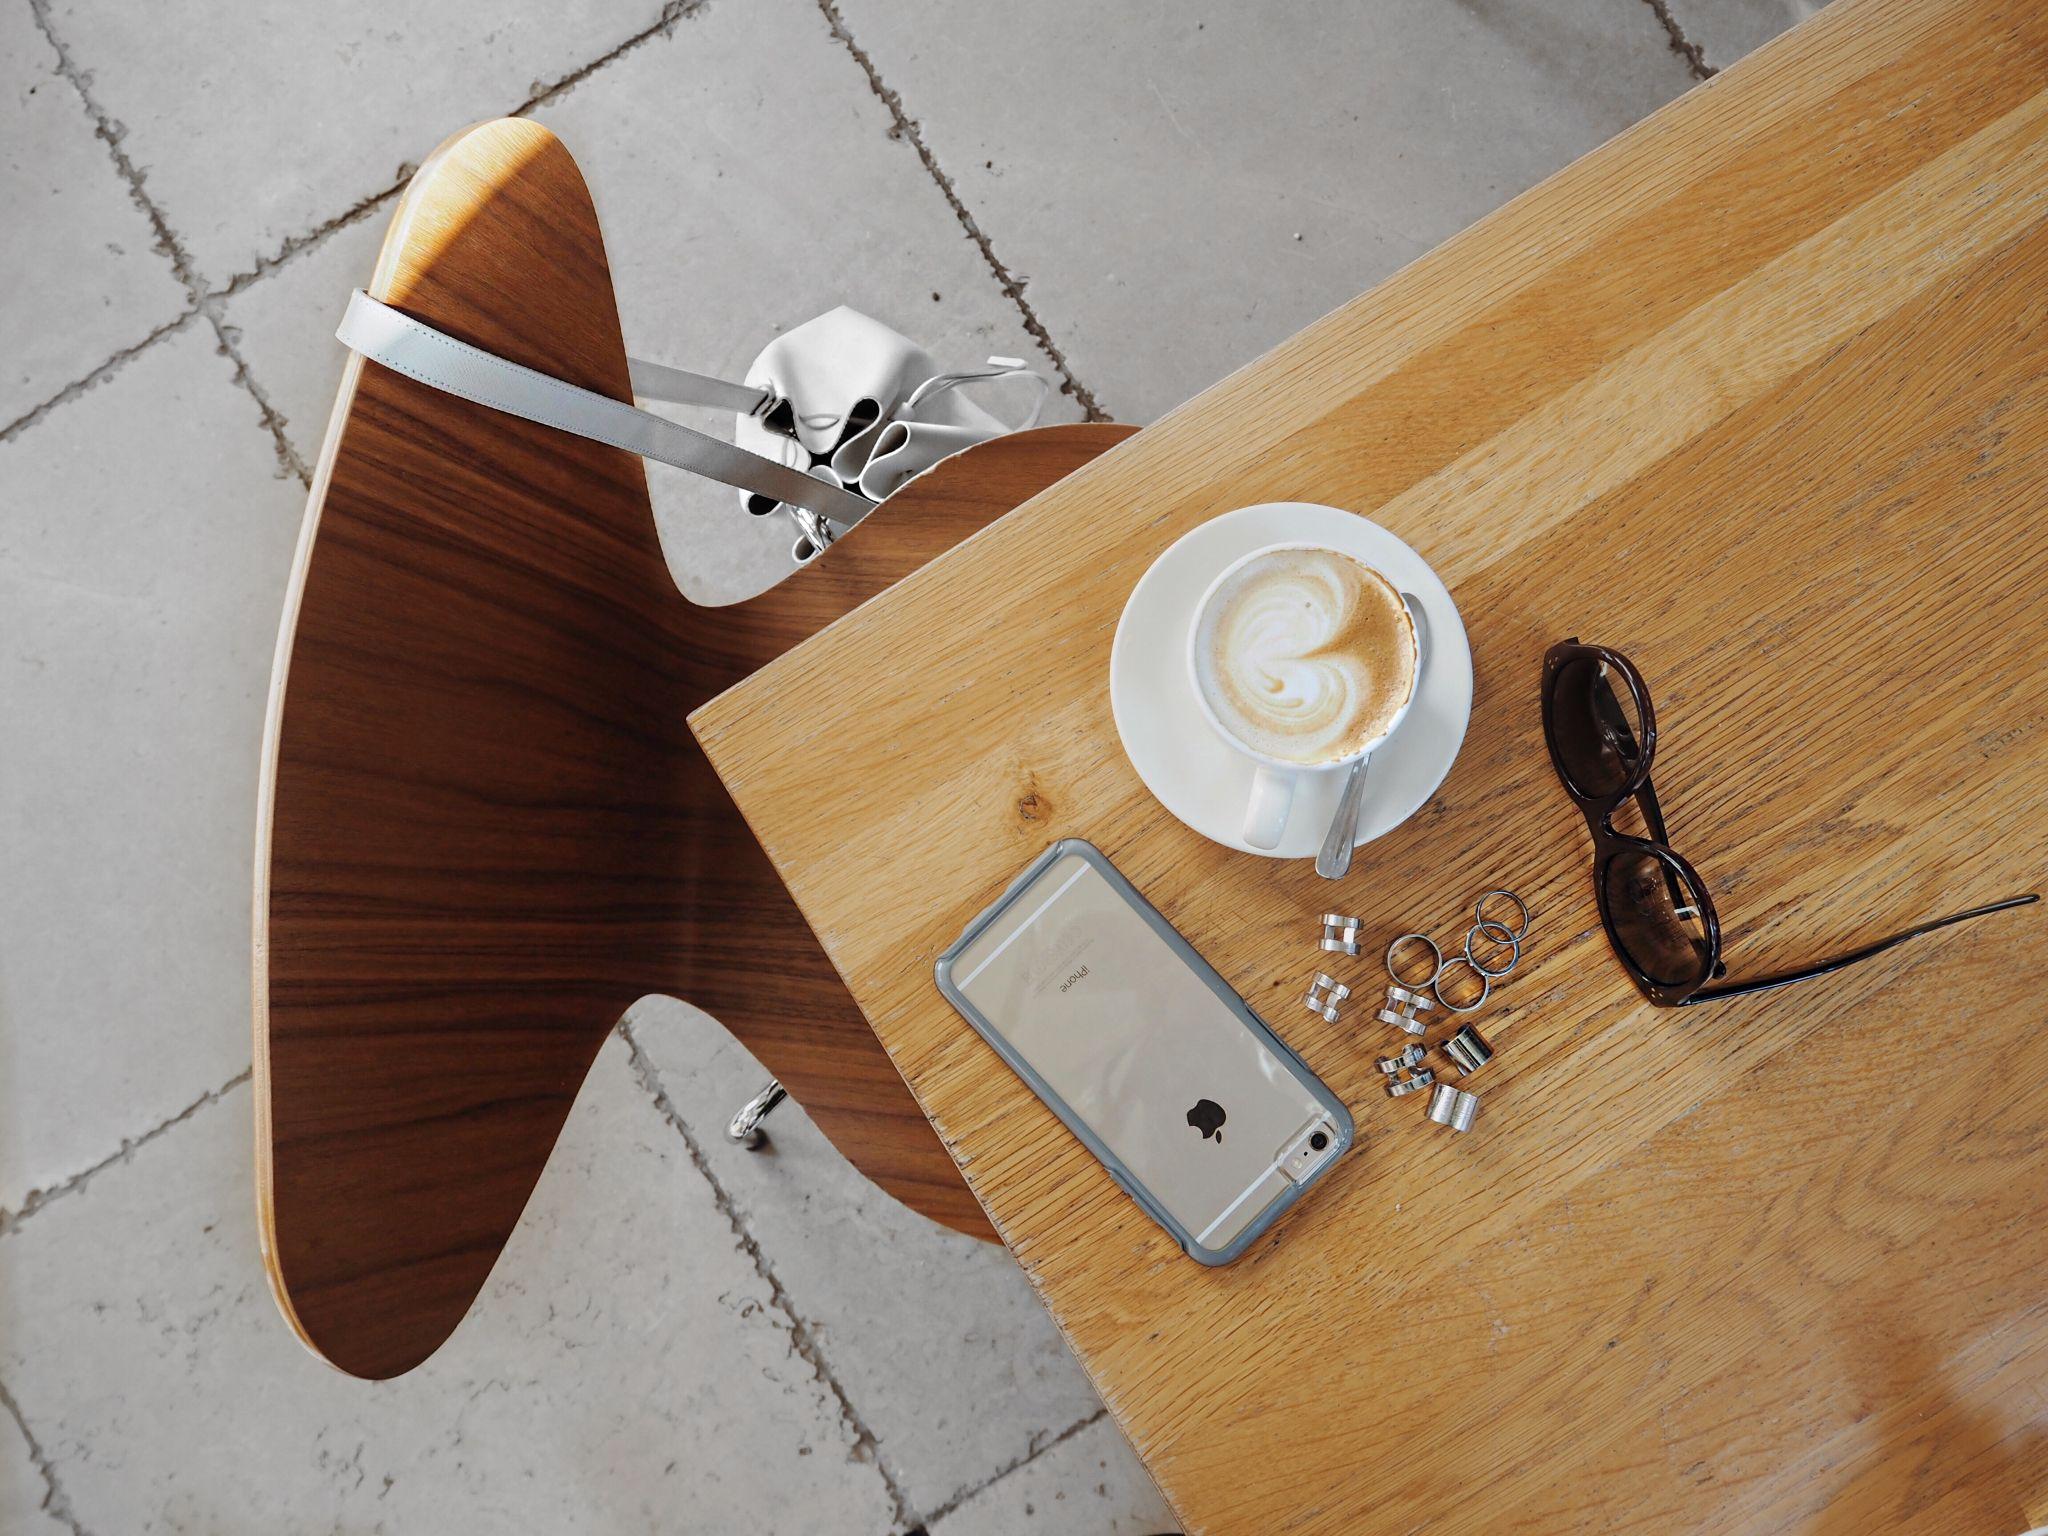 hortus-botanicus-amsterdam-botanic-garden-silver-rings-phone-case-otterbox-symmetry-clear-lancaster-bag-white-celine-sunglasses-coffee-art-chair-arne-jacobsen